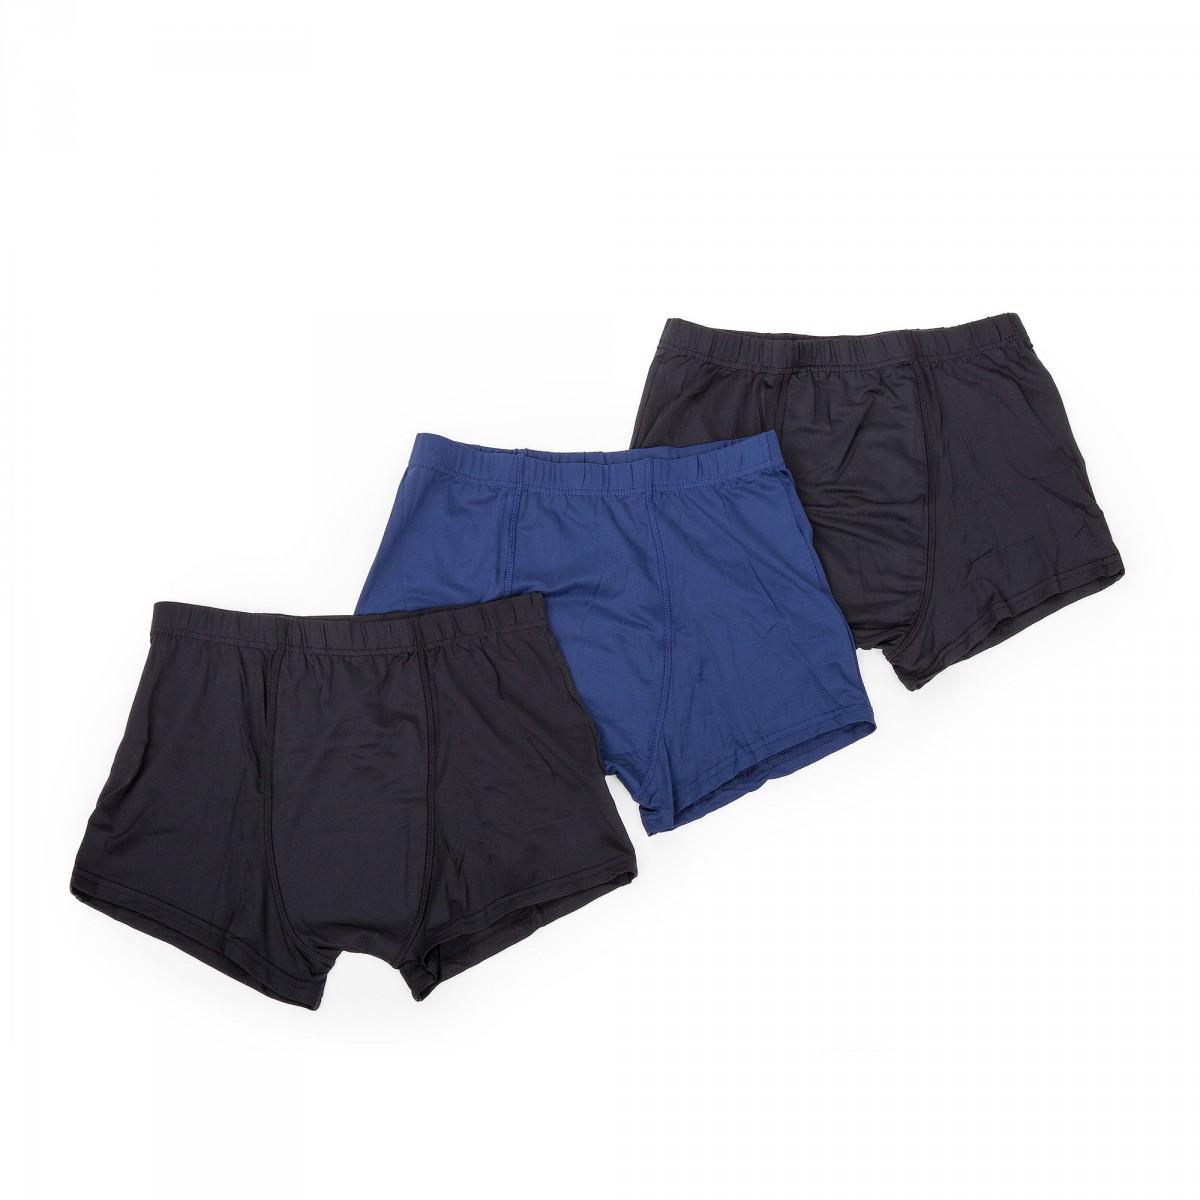 lot de 3 boxers noir et bleu homme azertex prix d griff. Black Bedroom Furniture Sets. Home Design Ideas